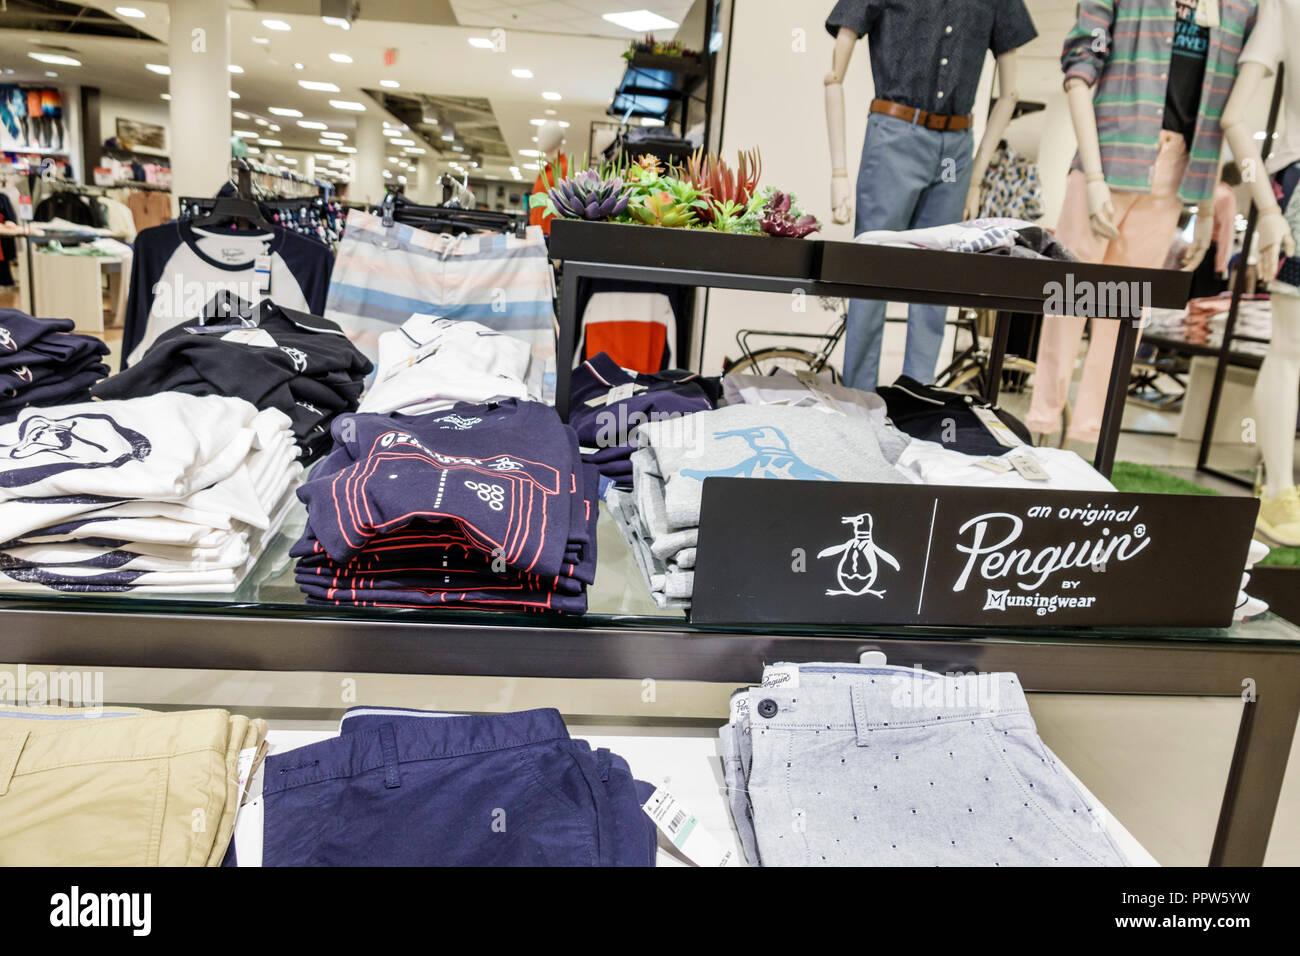 Floride Miami Dadeland Mall Kendall shopping du grand magasin Macy's à l'intérieur de la vente de vêtements de sport de pingouins d'affichage Photo Stock